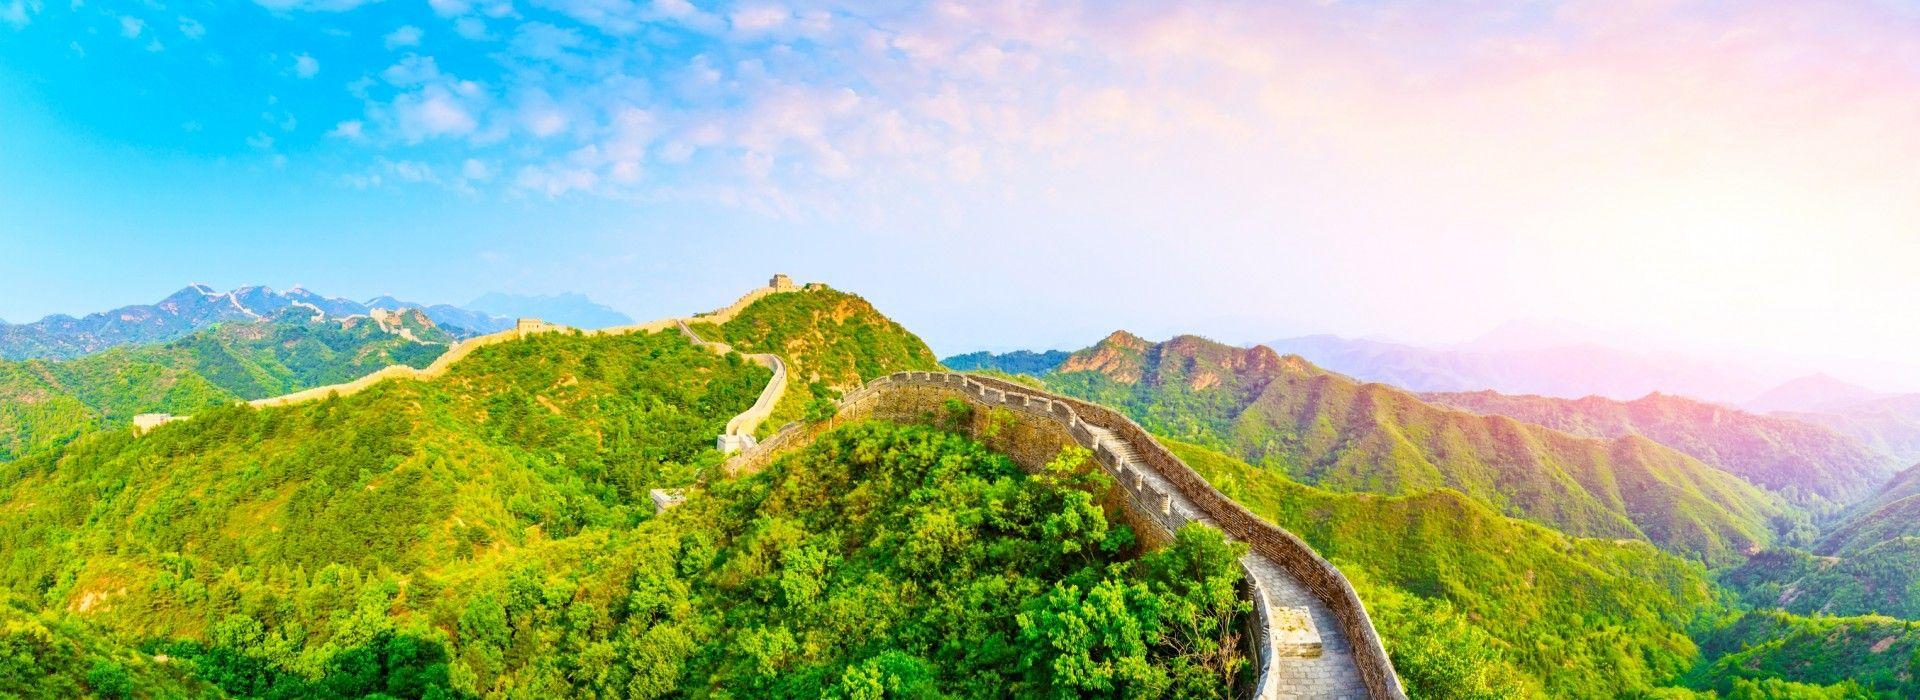 Trekking Tours in China